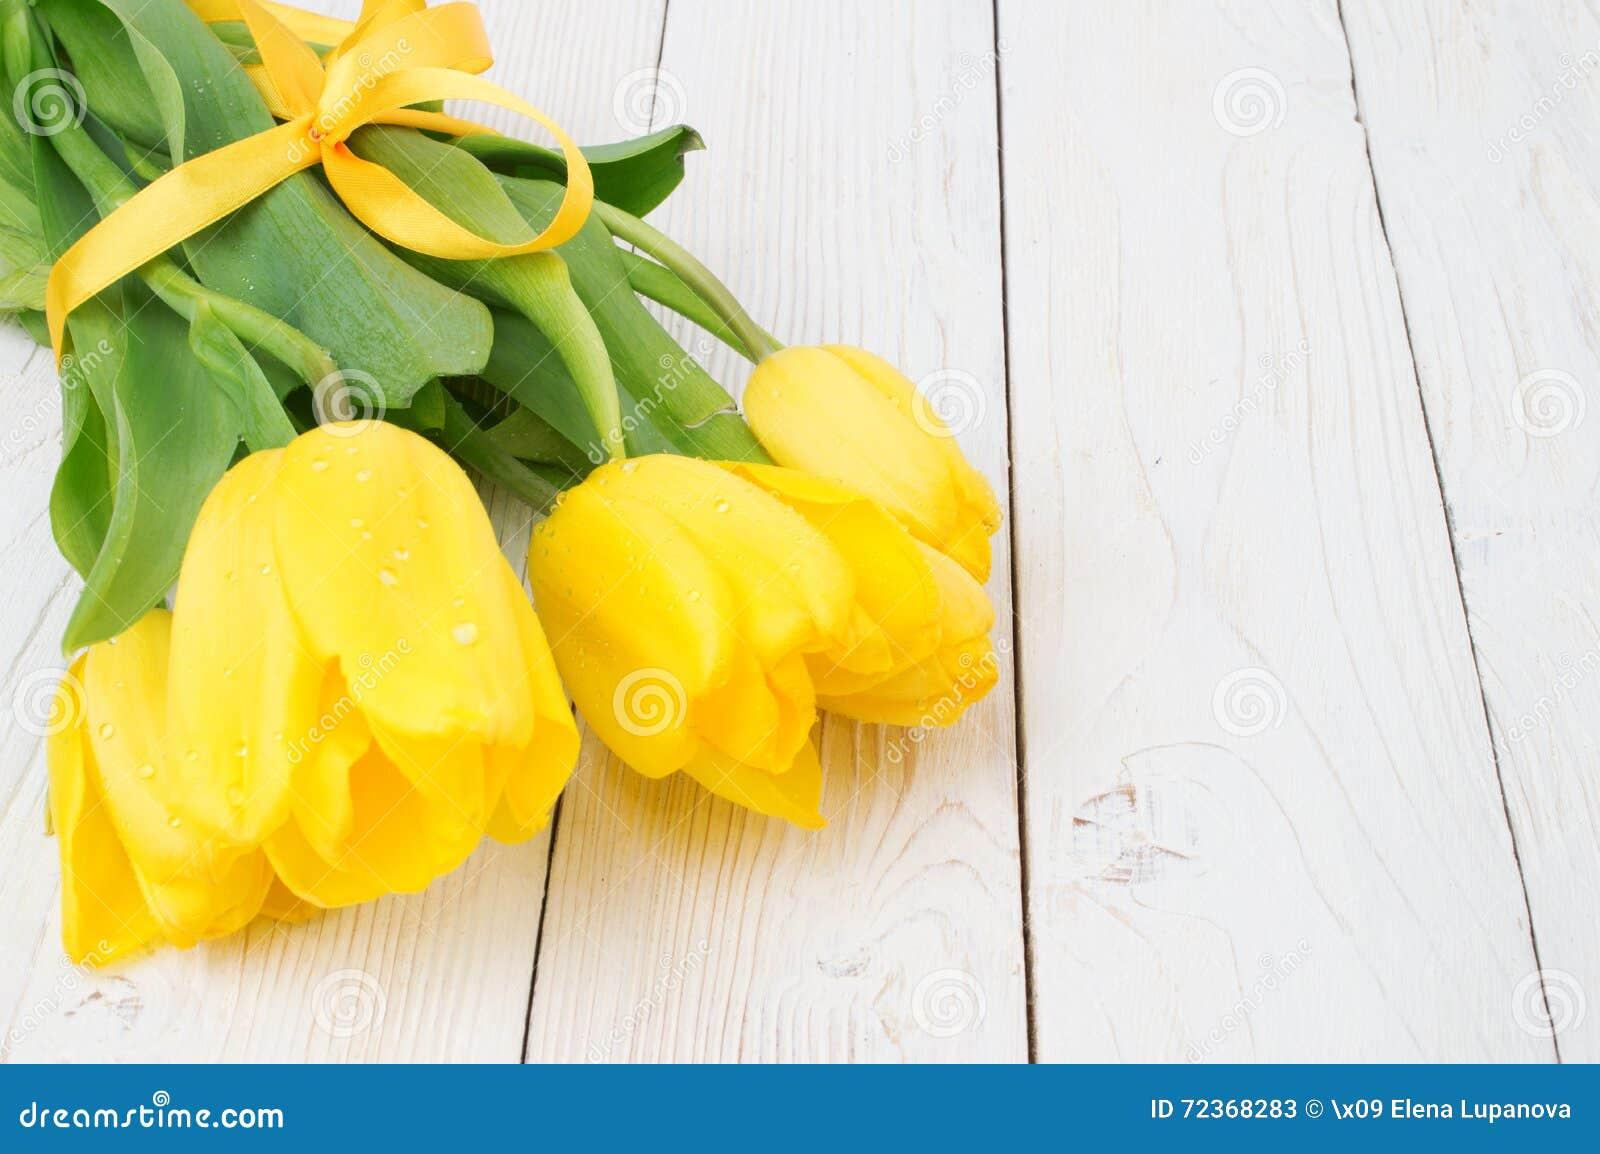 郁金香花束在土气木板,复活节装饰的